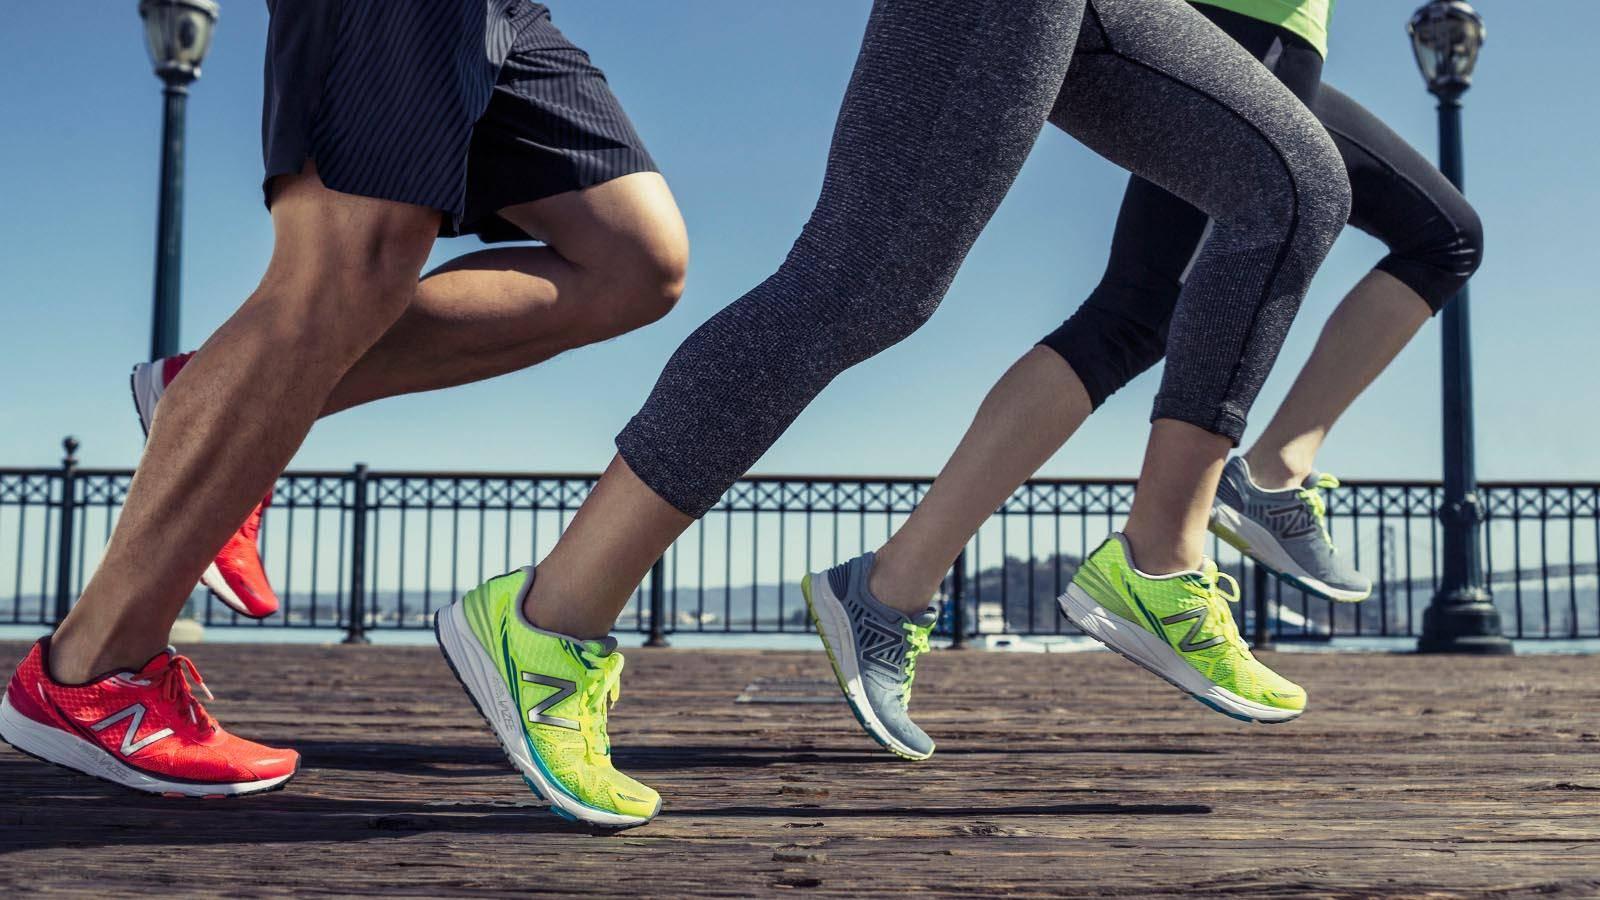 Кроссовки для зала: как выбрать мужские и женские кроссовки для тренажерного зала, зальные для занятий, какие лучше